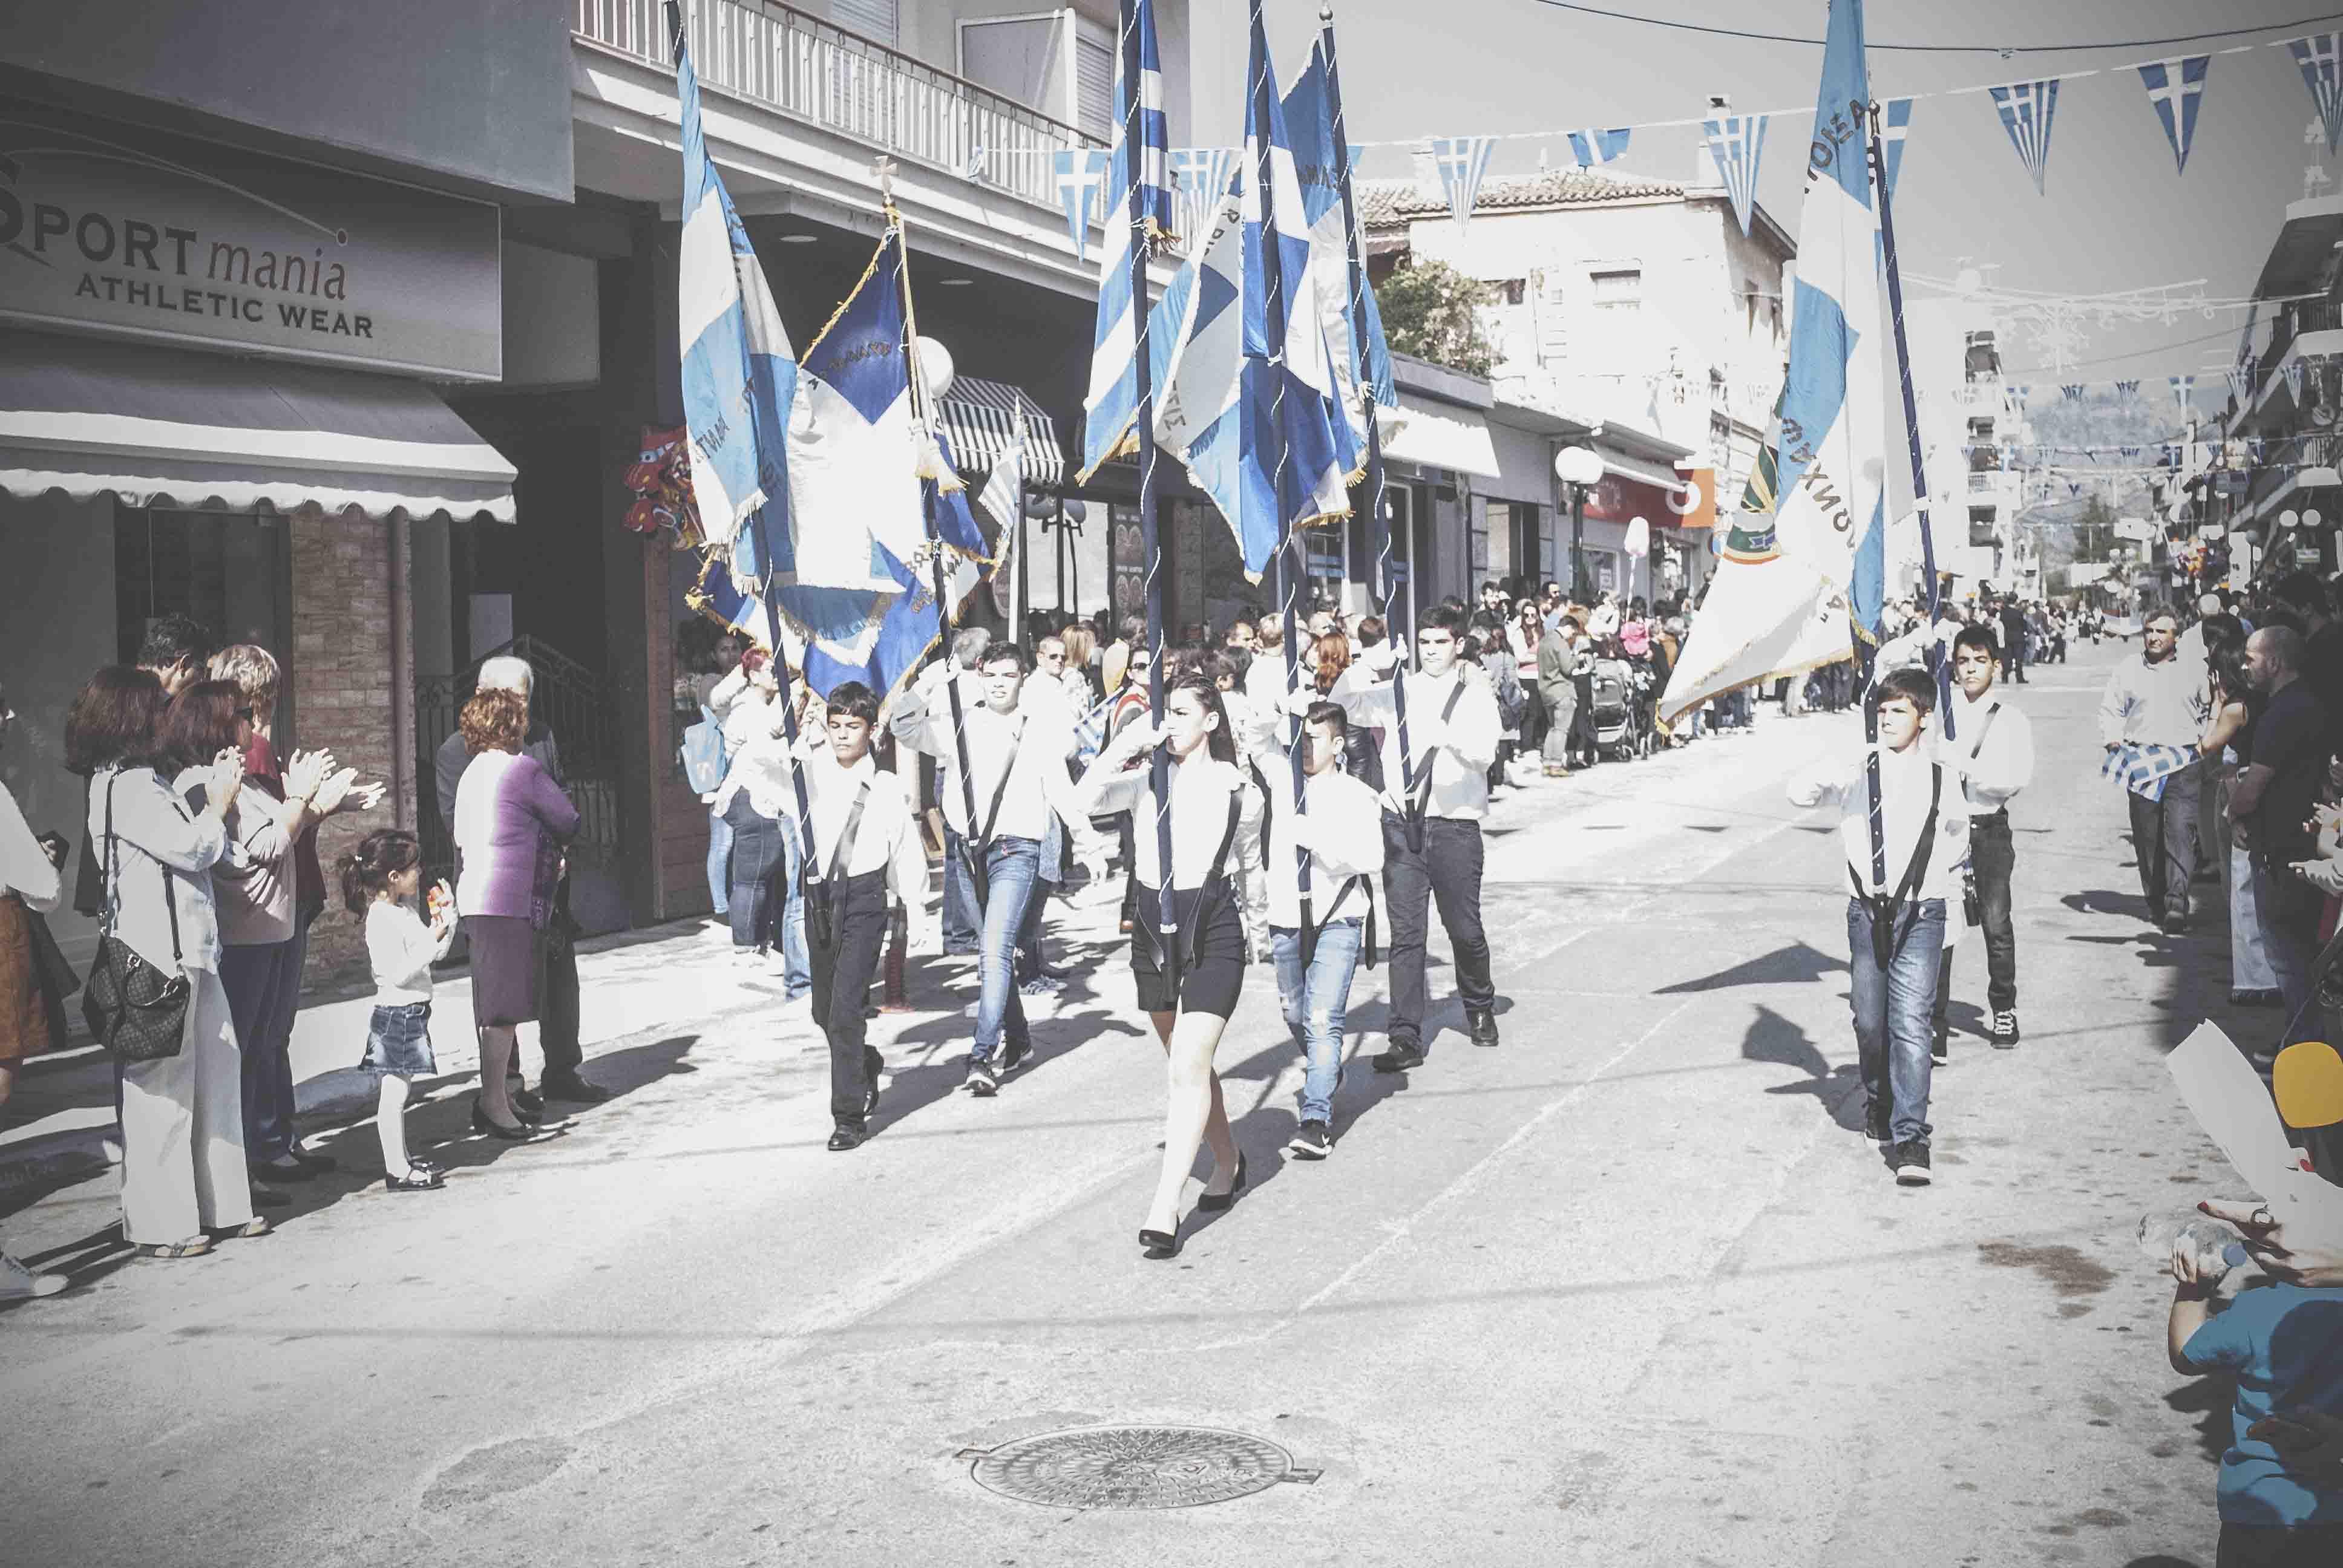 Η παρέλαση της 28ης Οκτωβρίου σε Καστέλλα και Ψαχνά (φωτό) DSC 0316